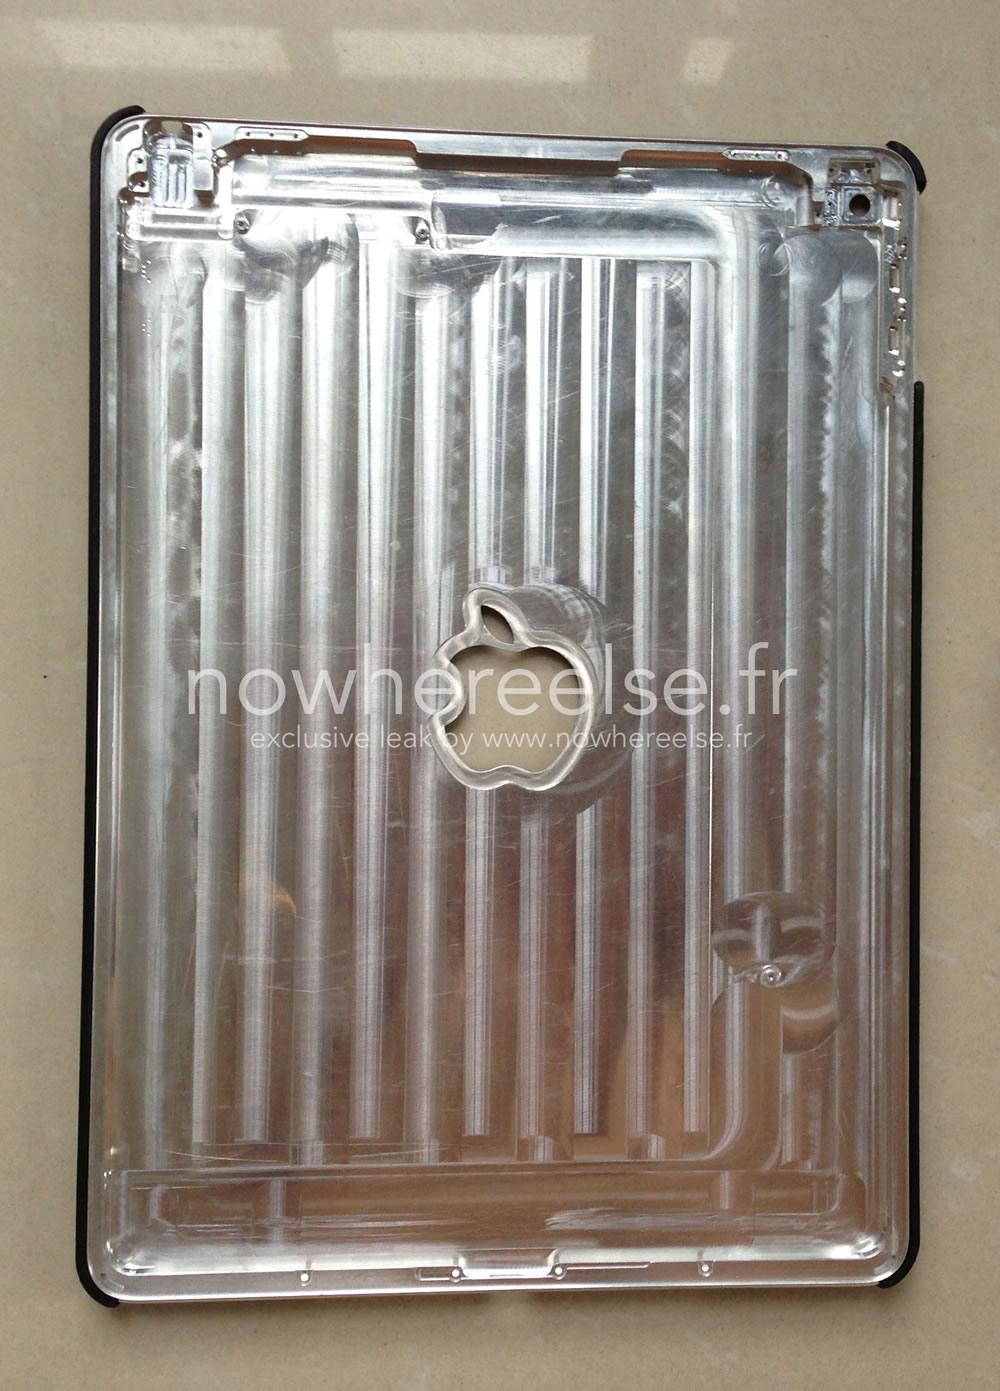 iPad-6-Air-2-Front